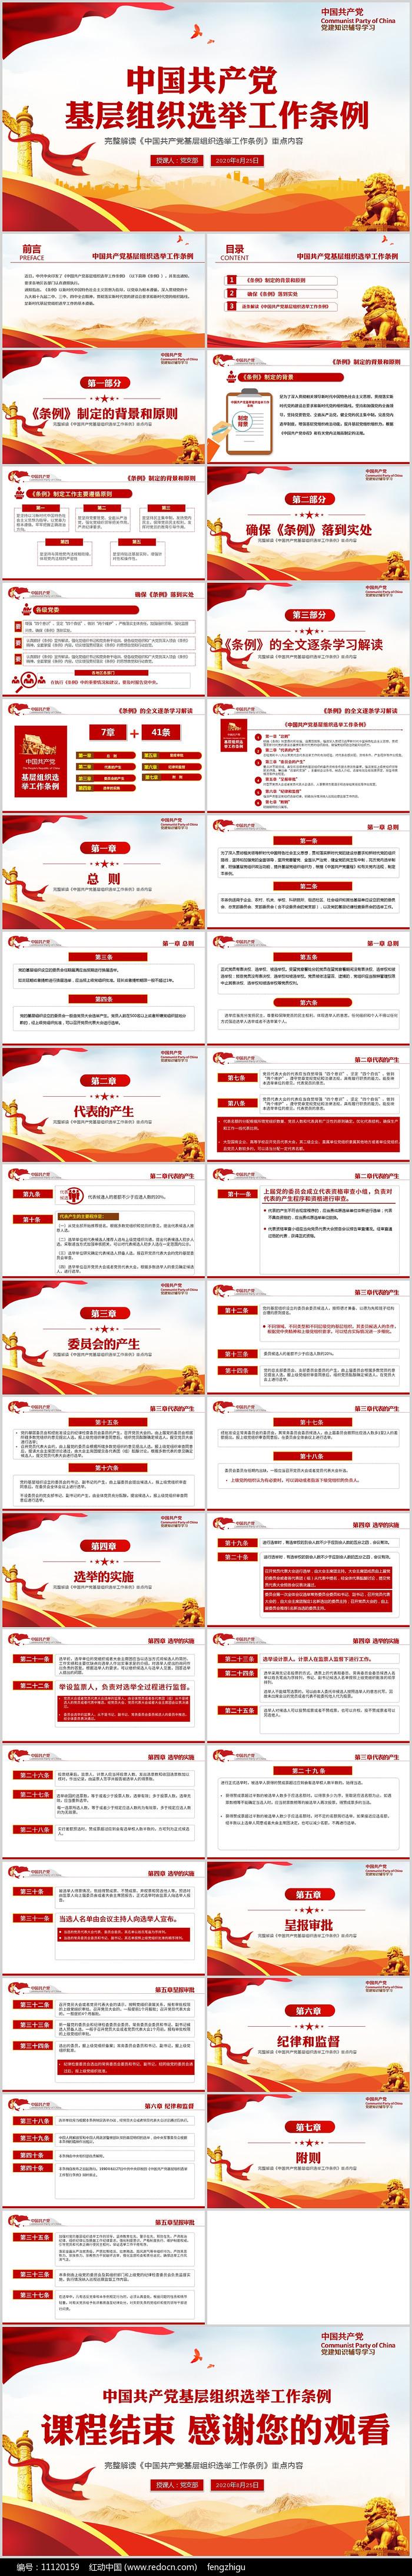 中国共产党基层组织选举工作条例解读ppt图片